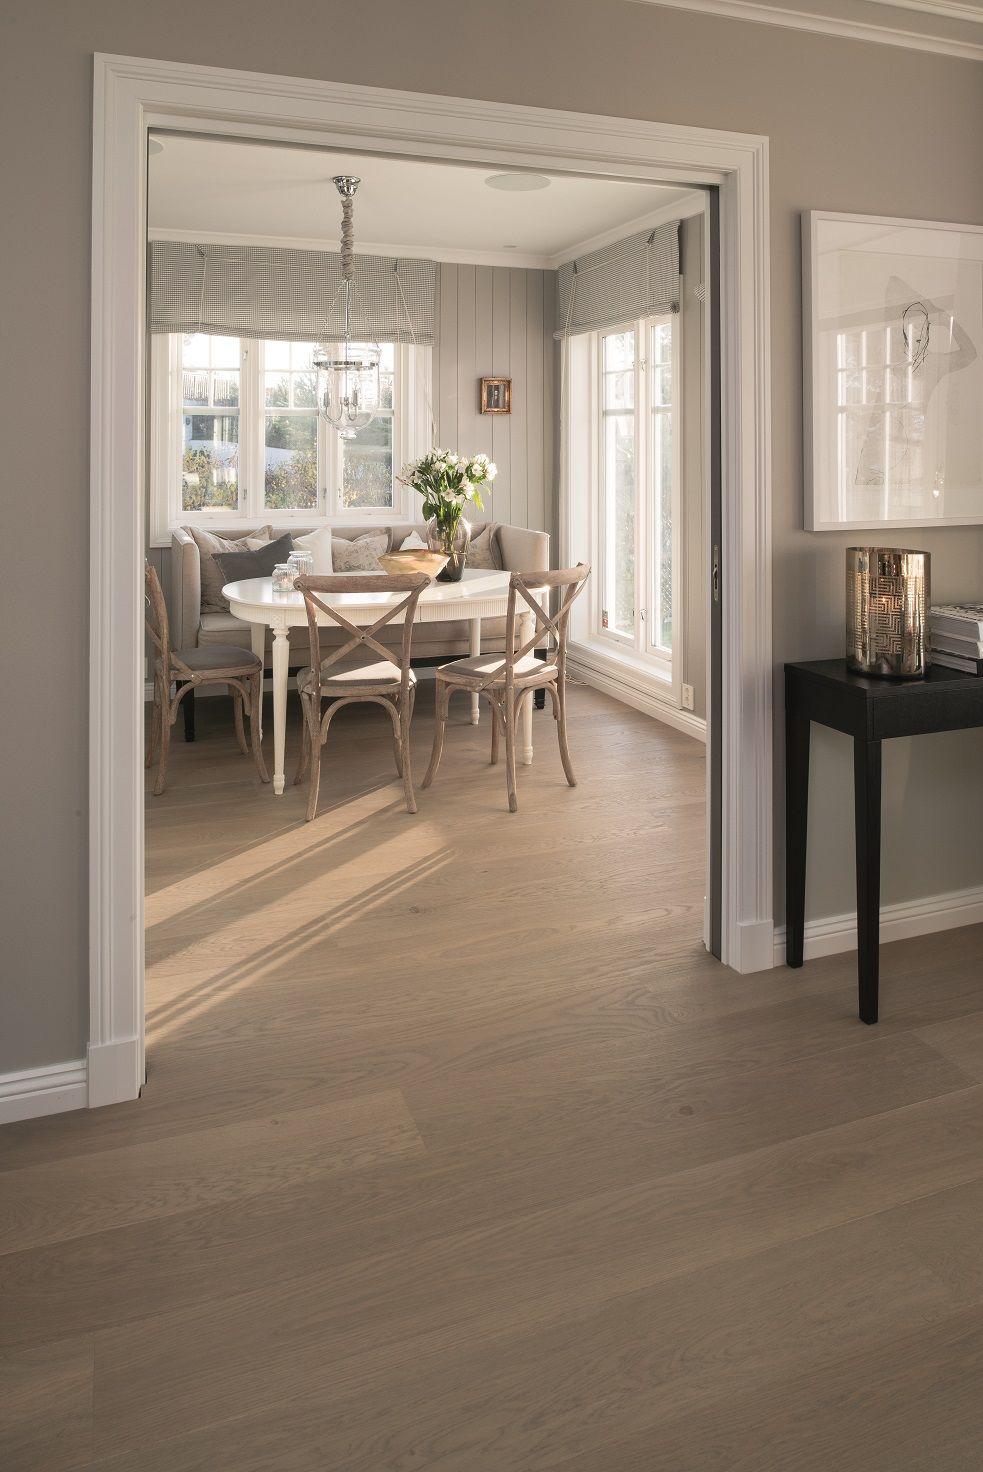 Ideen für die erweiterung der küche home sweet home boen parkett  home  pinterest  parkett haus und